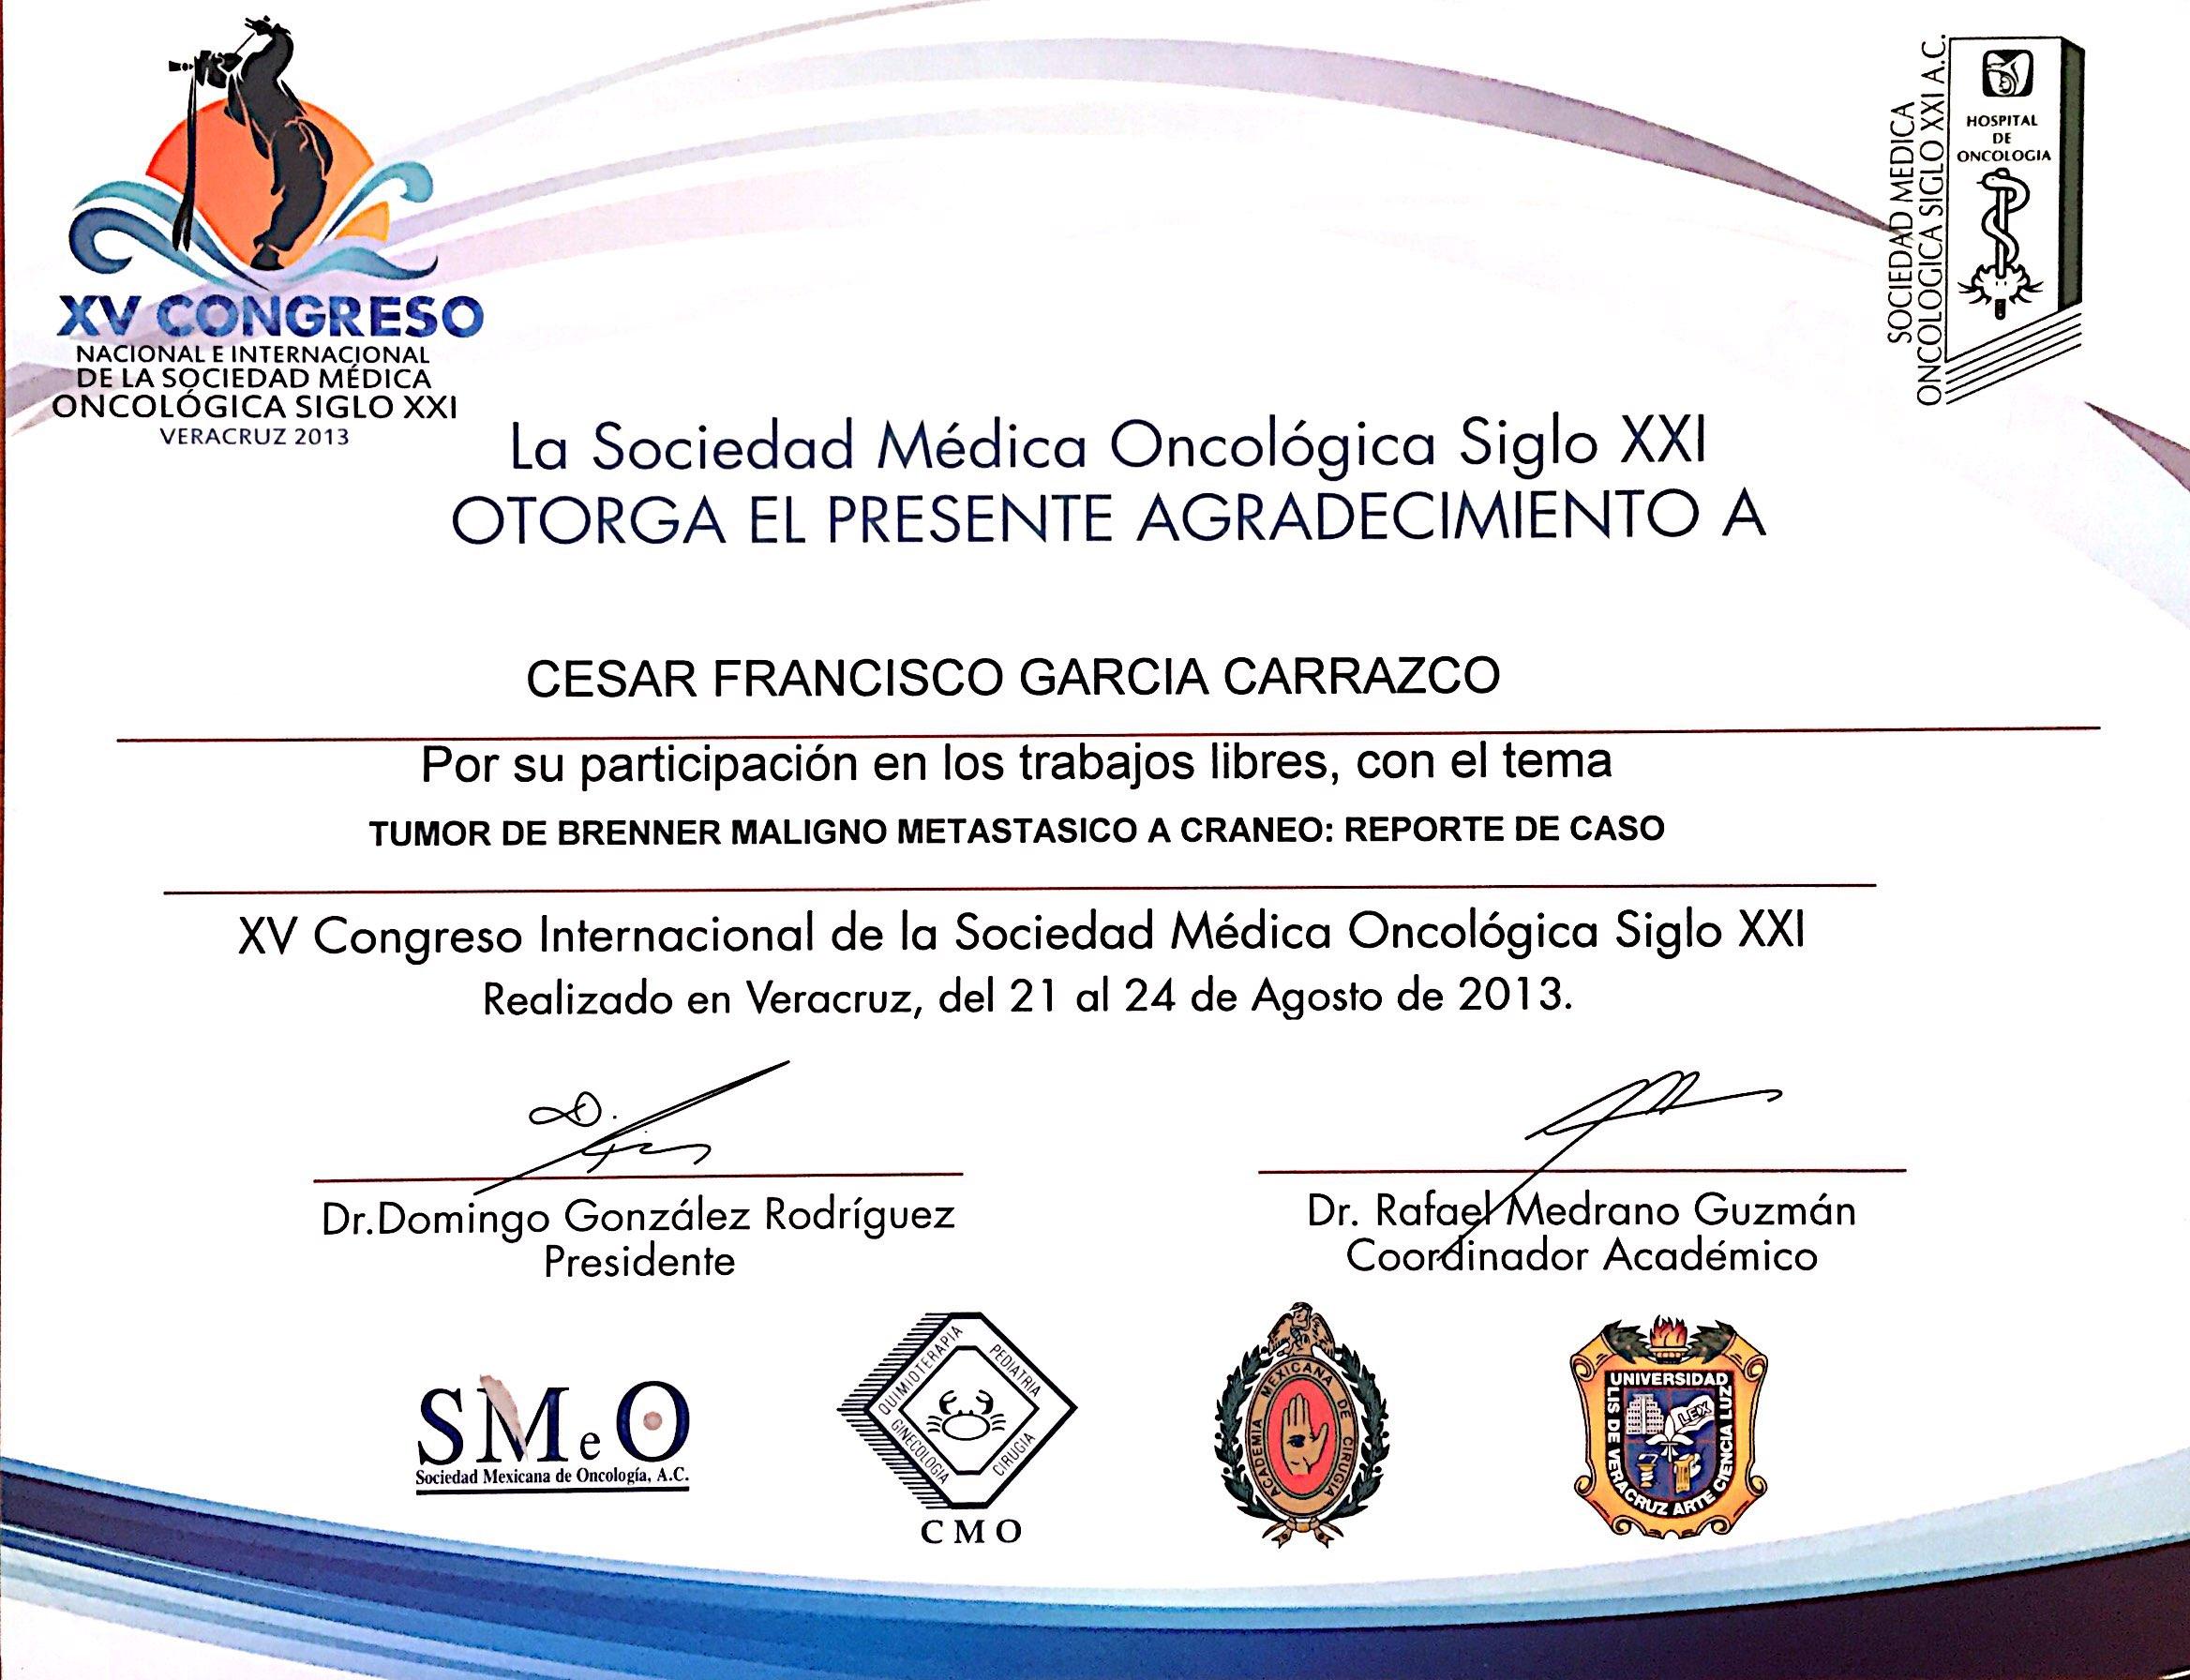 Dr. Garcia Carrazco_50